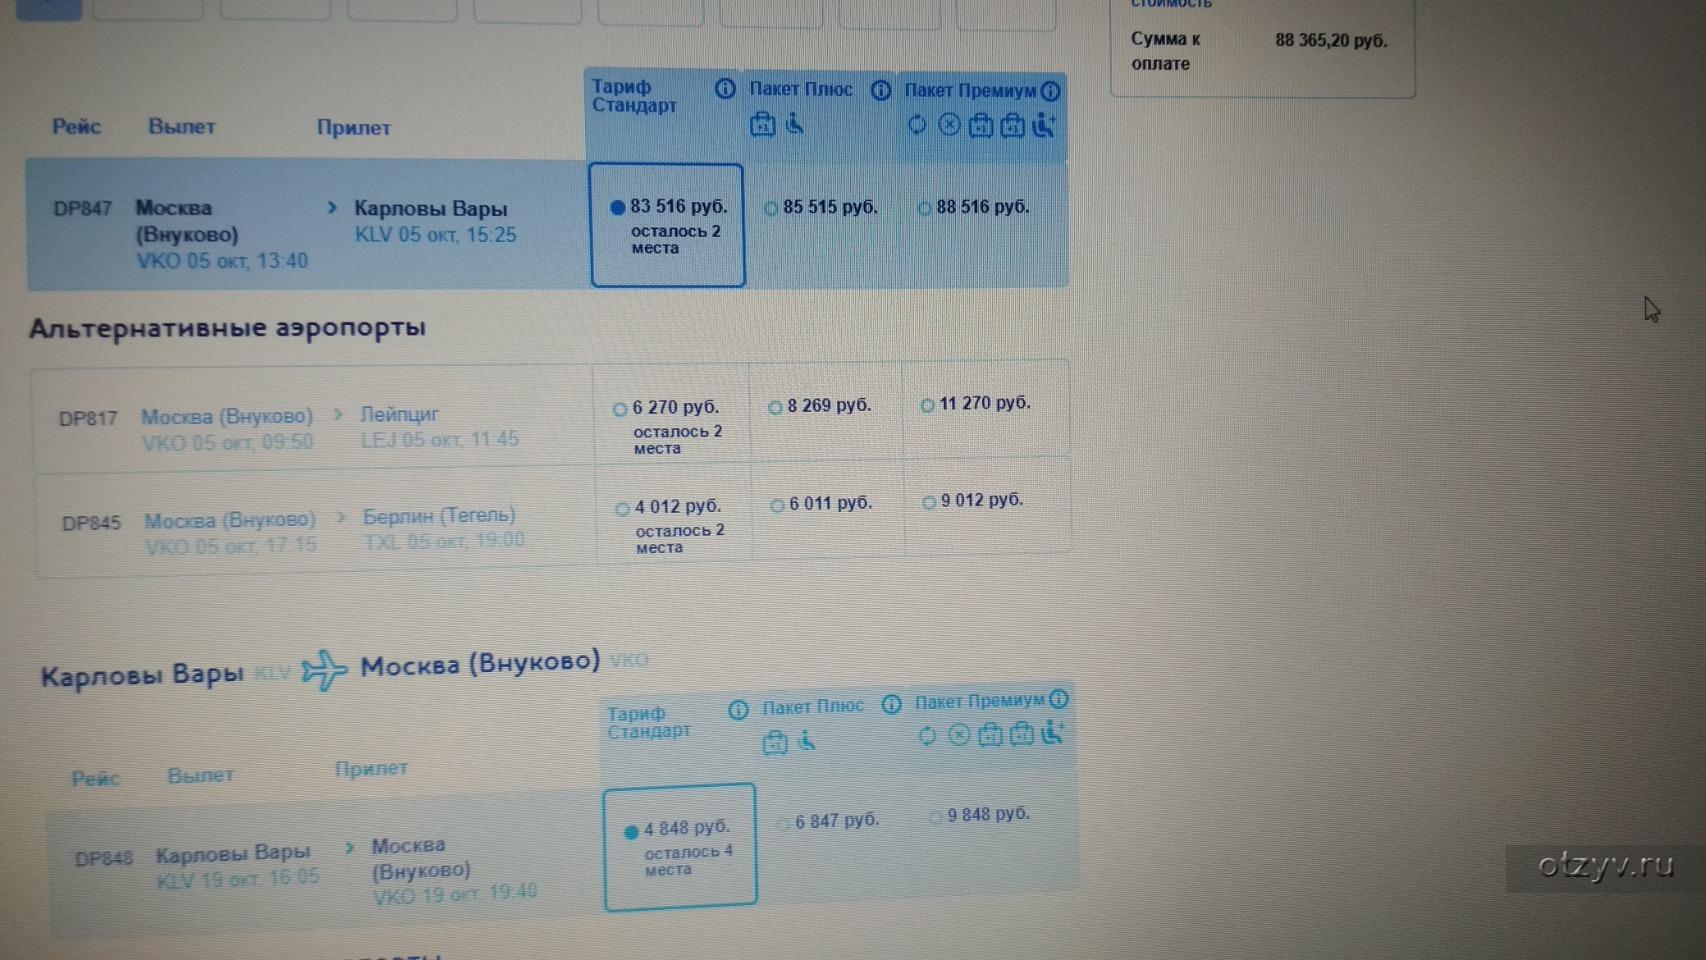 Как сдать электронный билет на самолет победа билеты на самолет дешево компании ютэйр